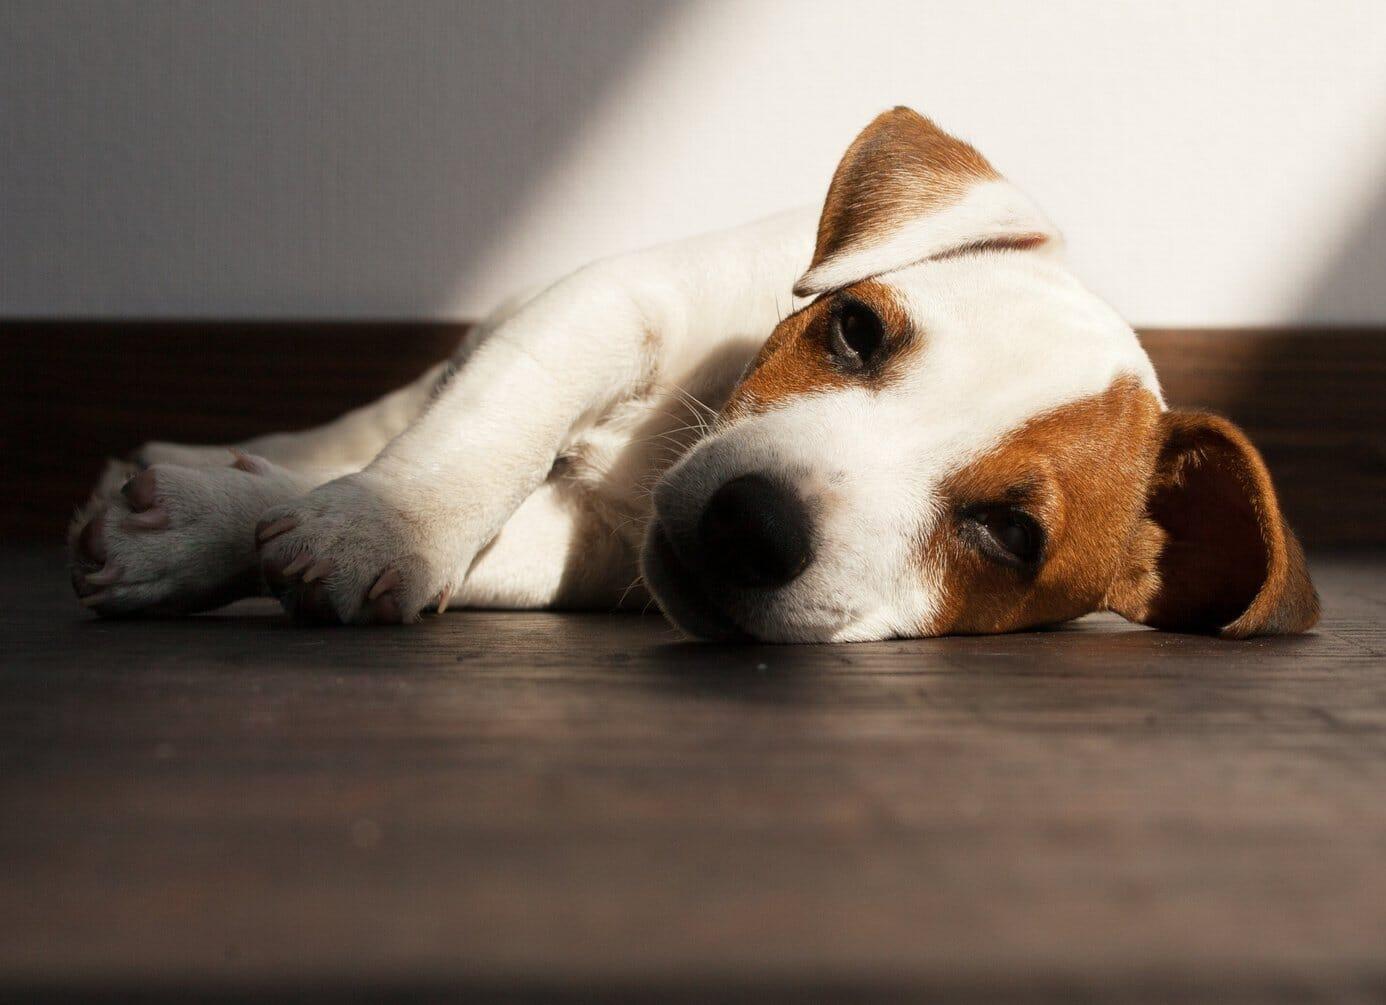 Hitzschlag Heimtiere - Hitzeschutz-Tipps